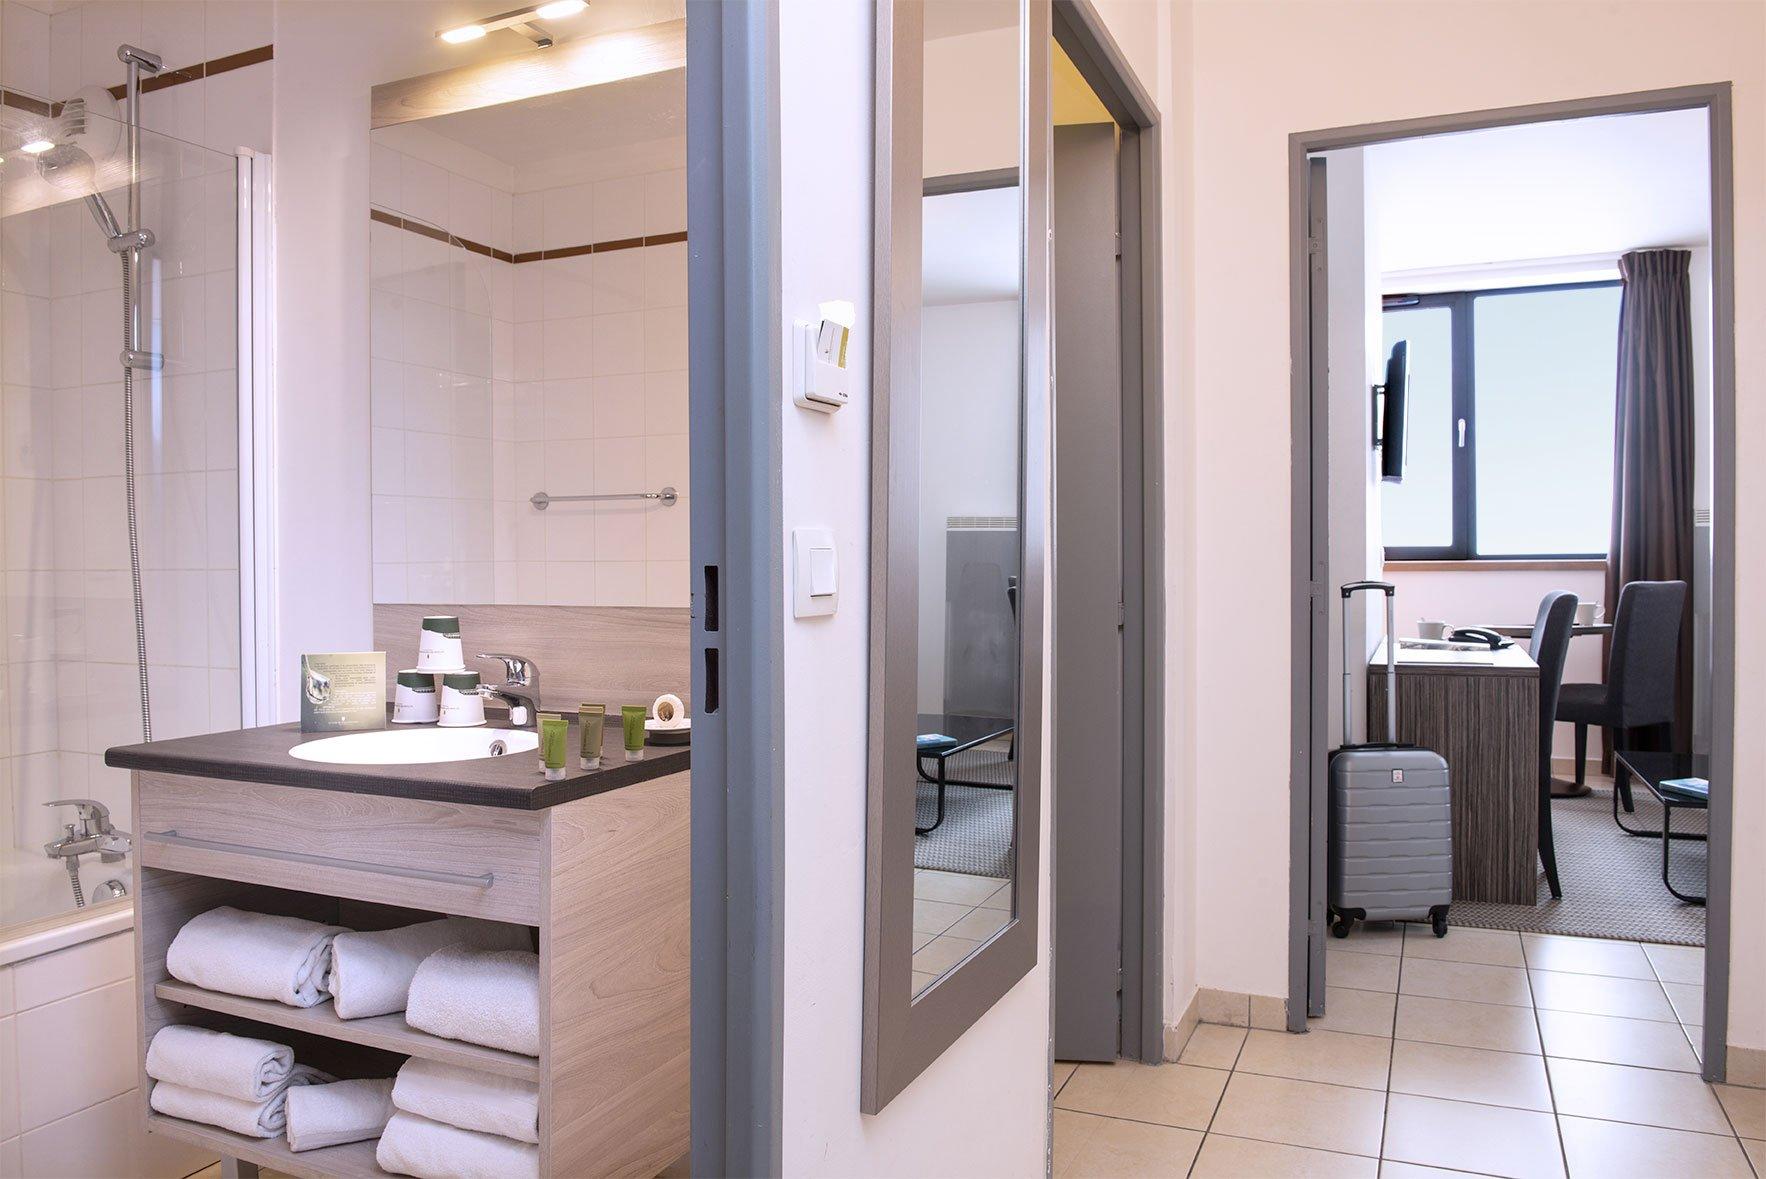 Salle de bain et coin salon d'une chambre du Green des Impressionnistes